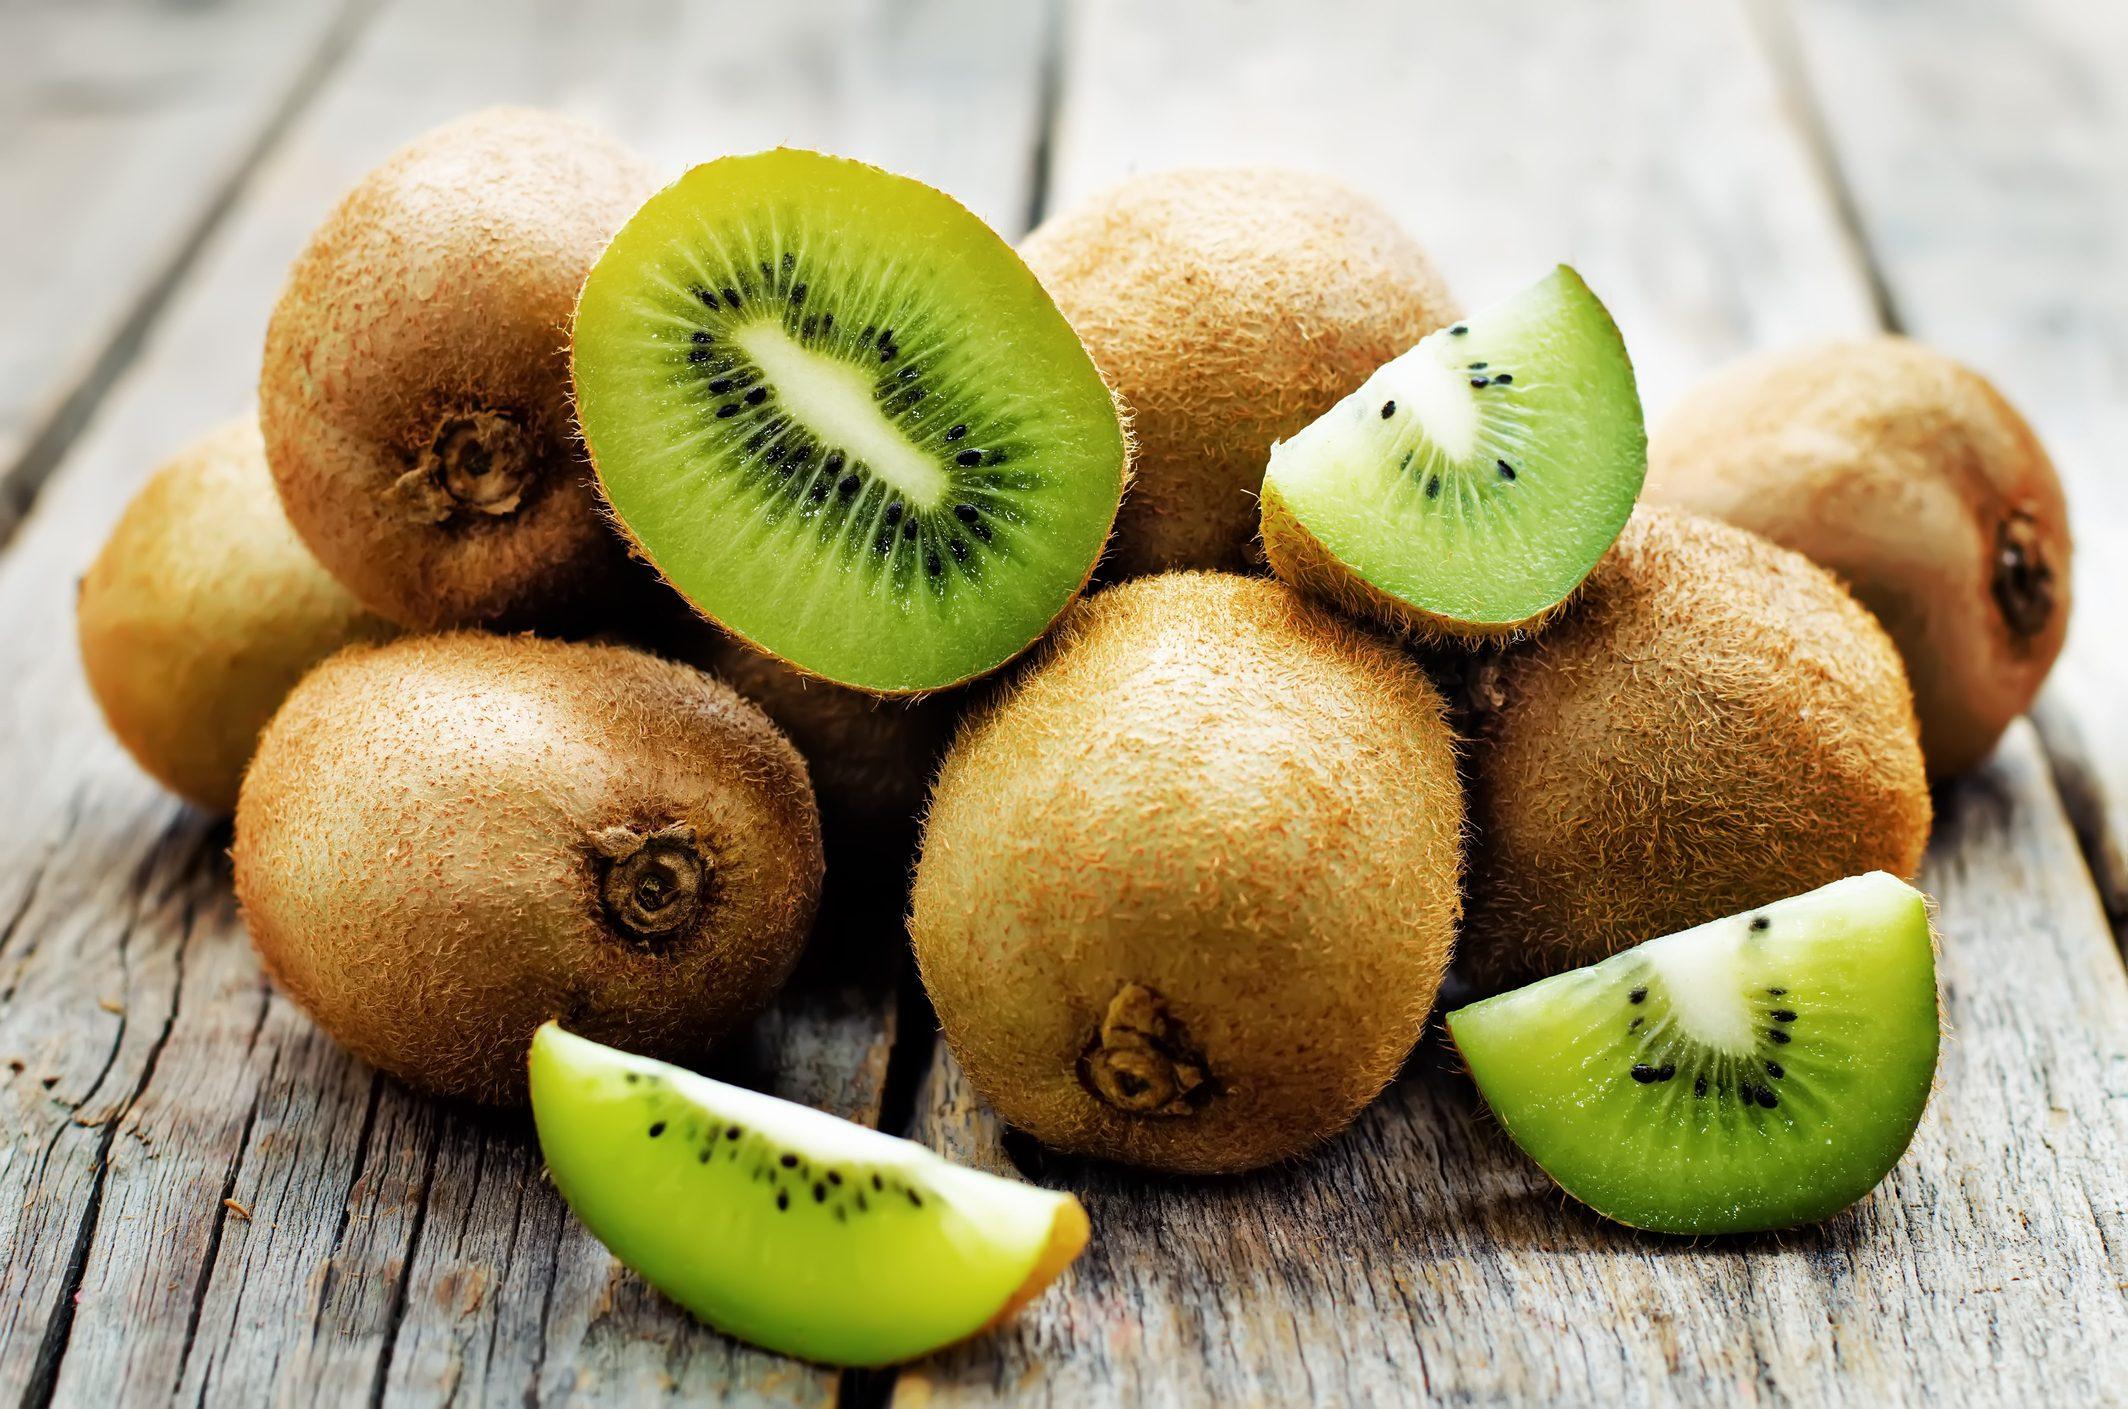 Pranzo Yogurt Magro : Kiwi a tavola: 3 ricette per mangiarlo a colazione pranzo e cena